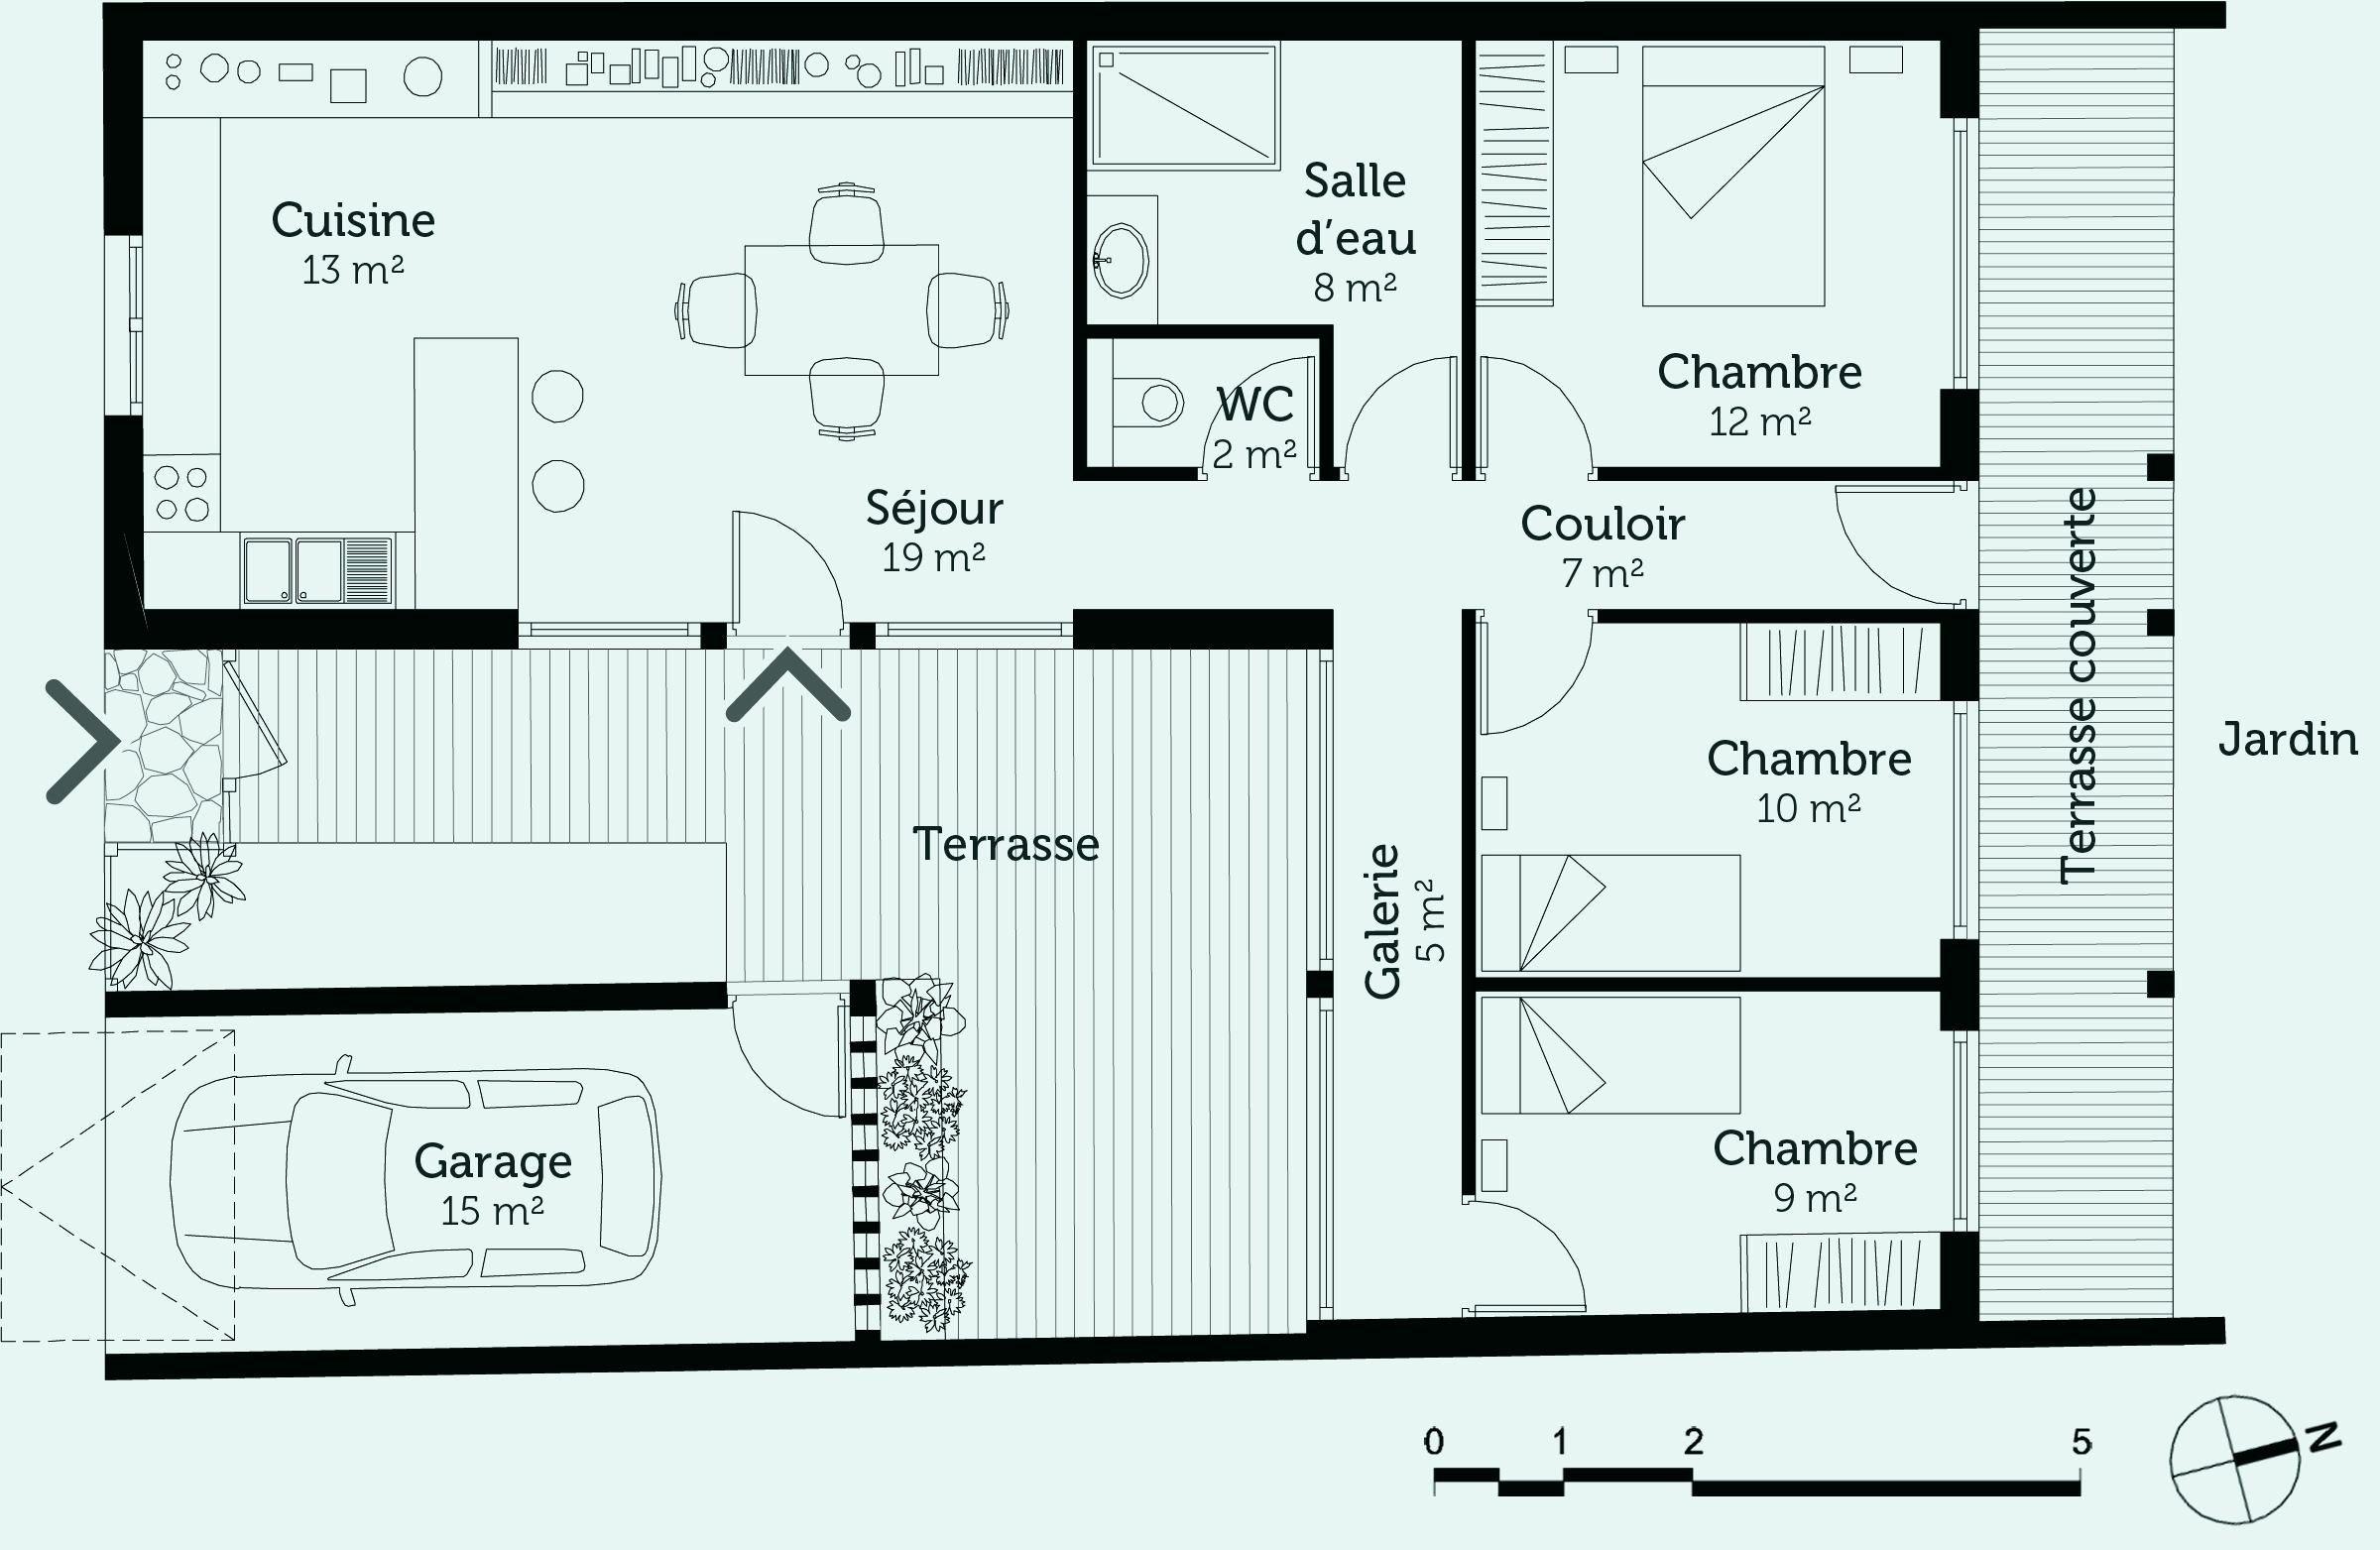 Beautiful Logiciel Dessin Architecture 3d Gratuit | Plan de maison gratuit, Plan maison, Plan ...